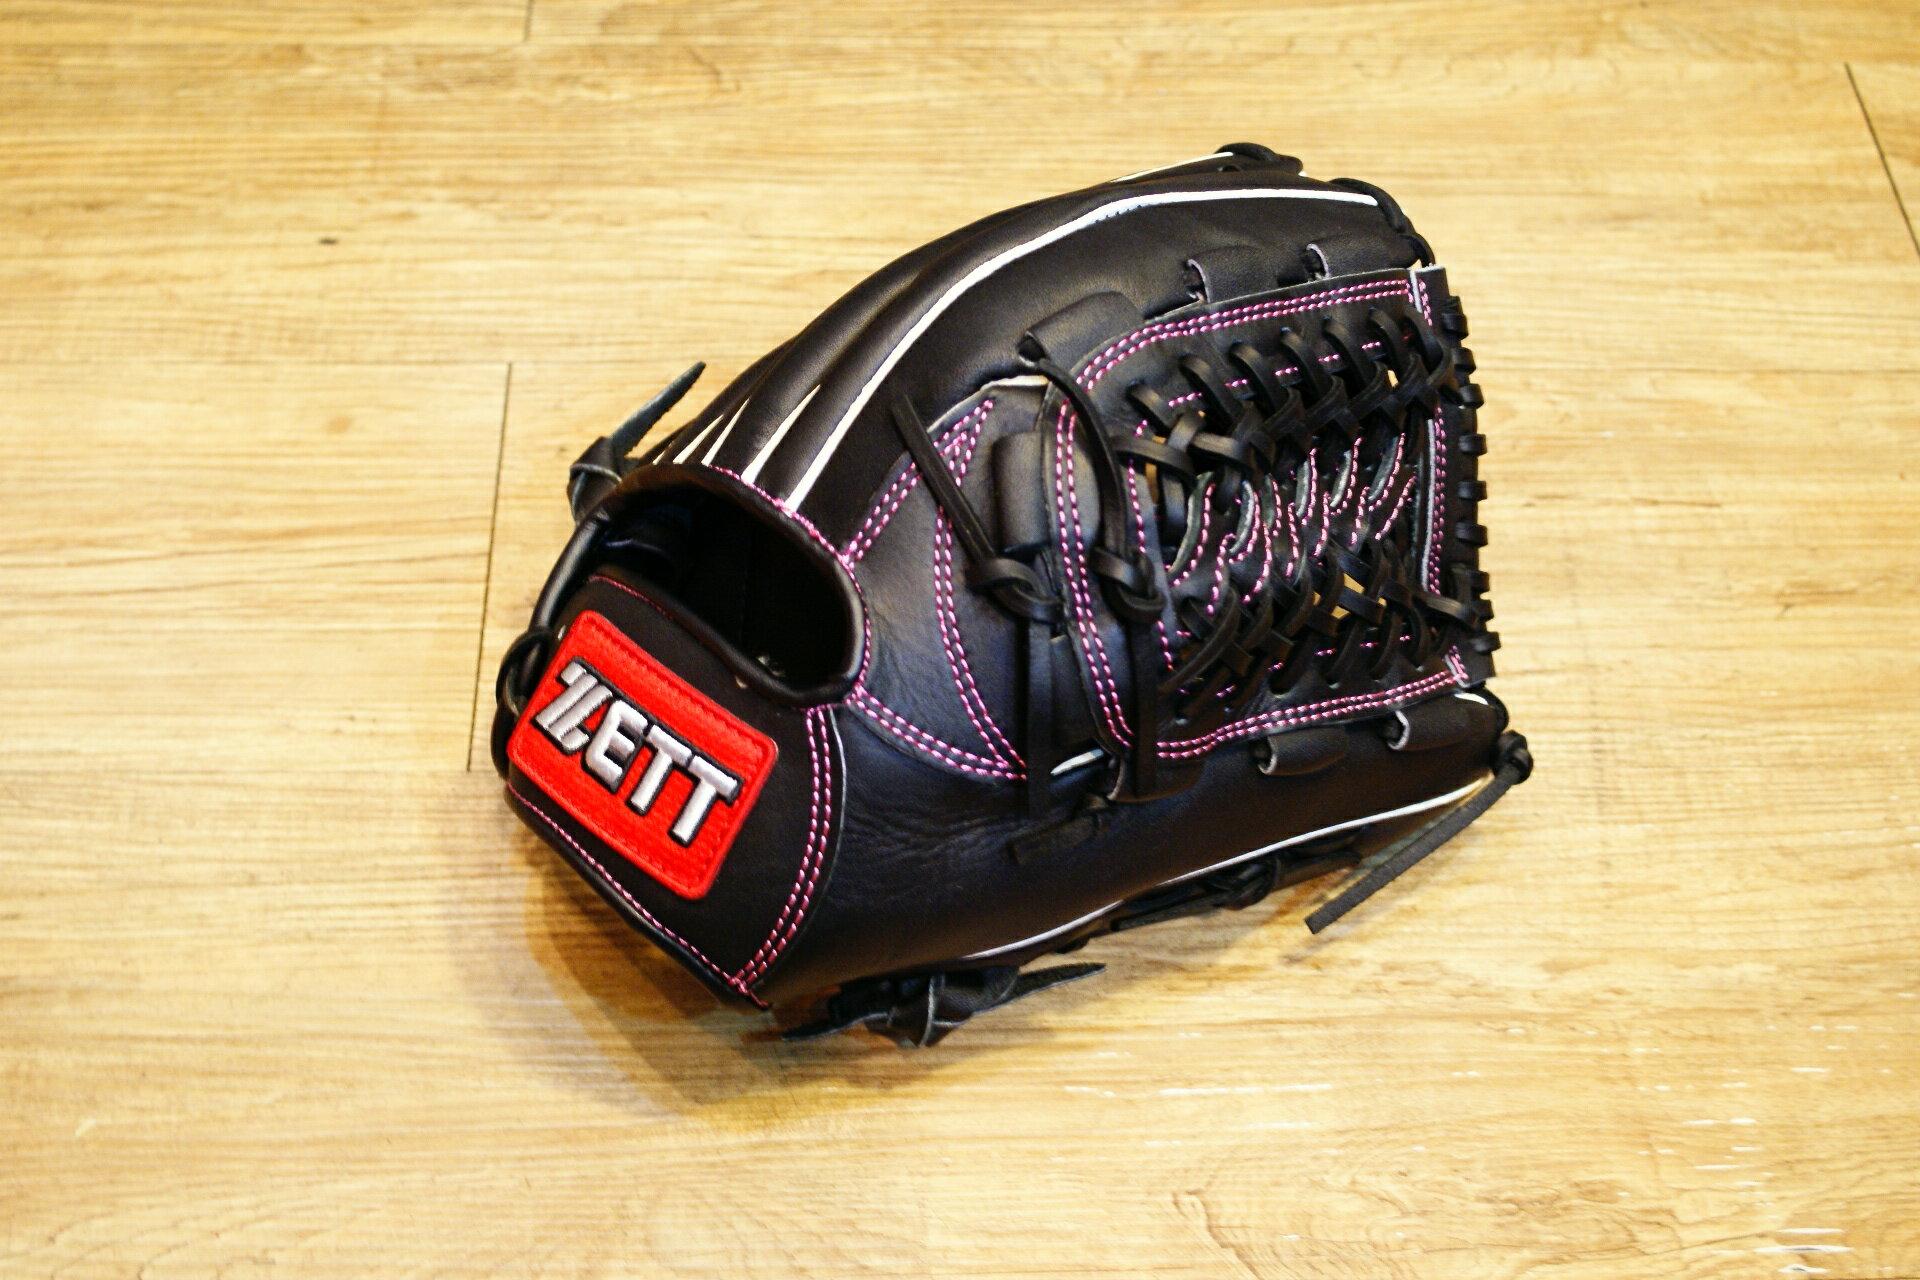 棒球世界 全新ZETT棒壘球內野蛇紋球檔牛皮手套 黑色 特價 加送手套袋 8727系列